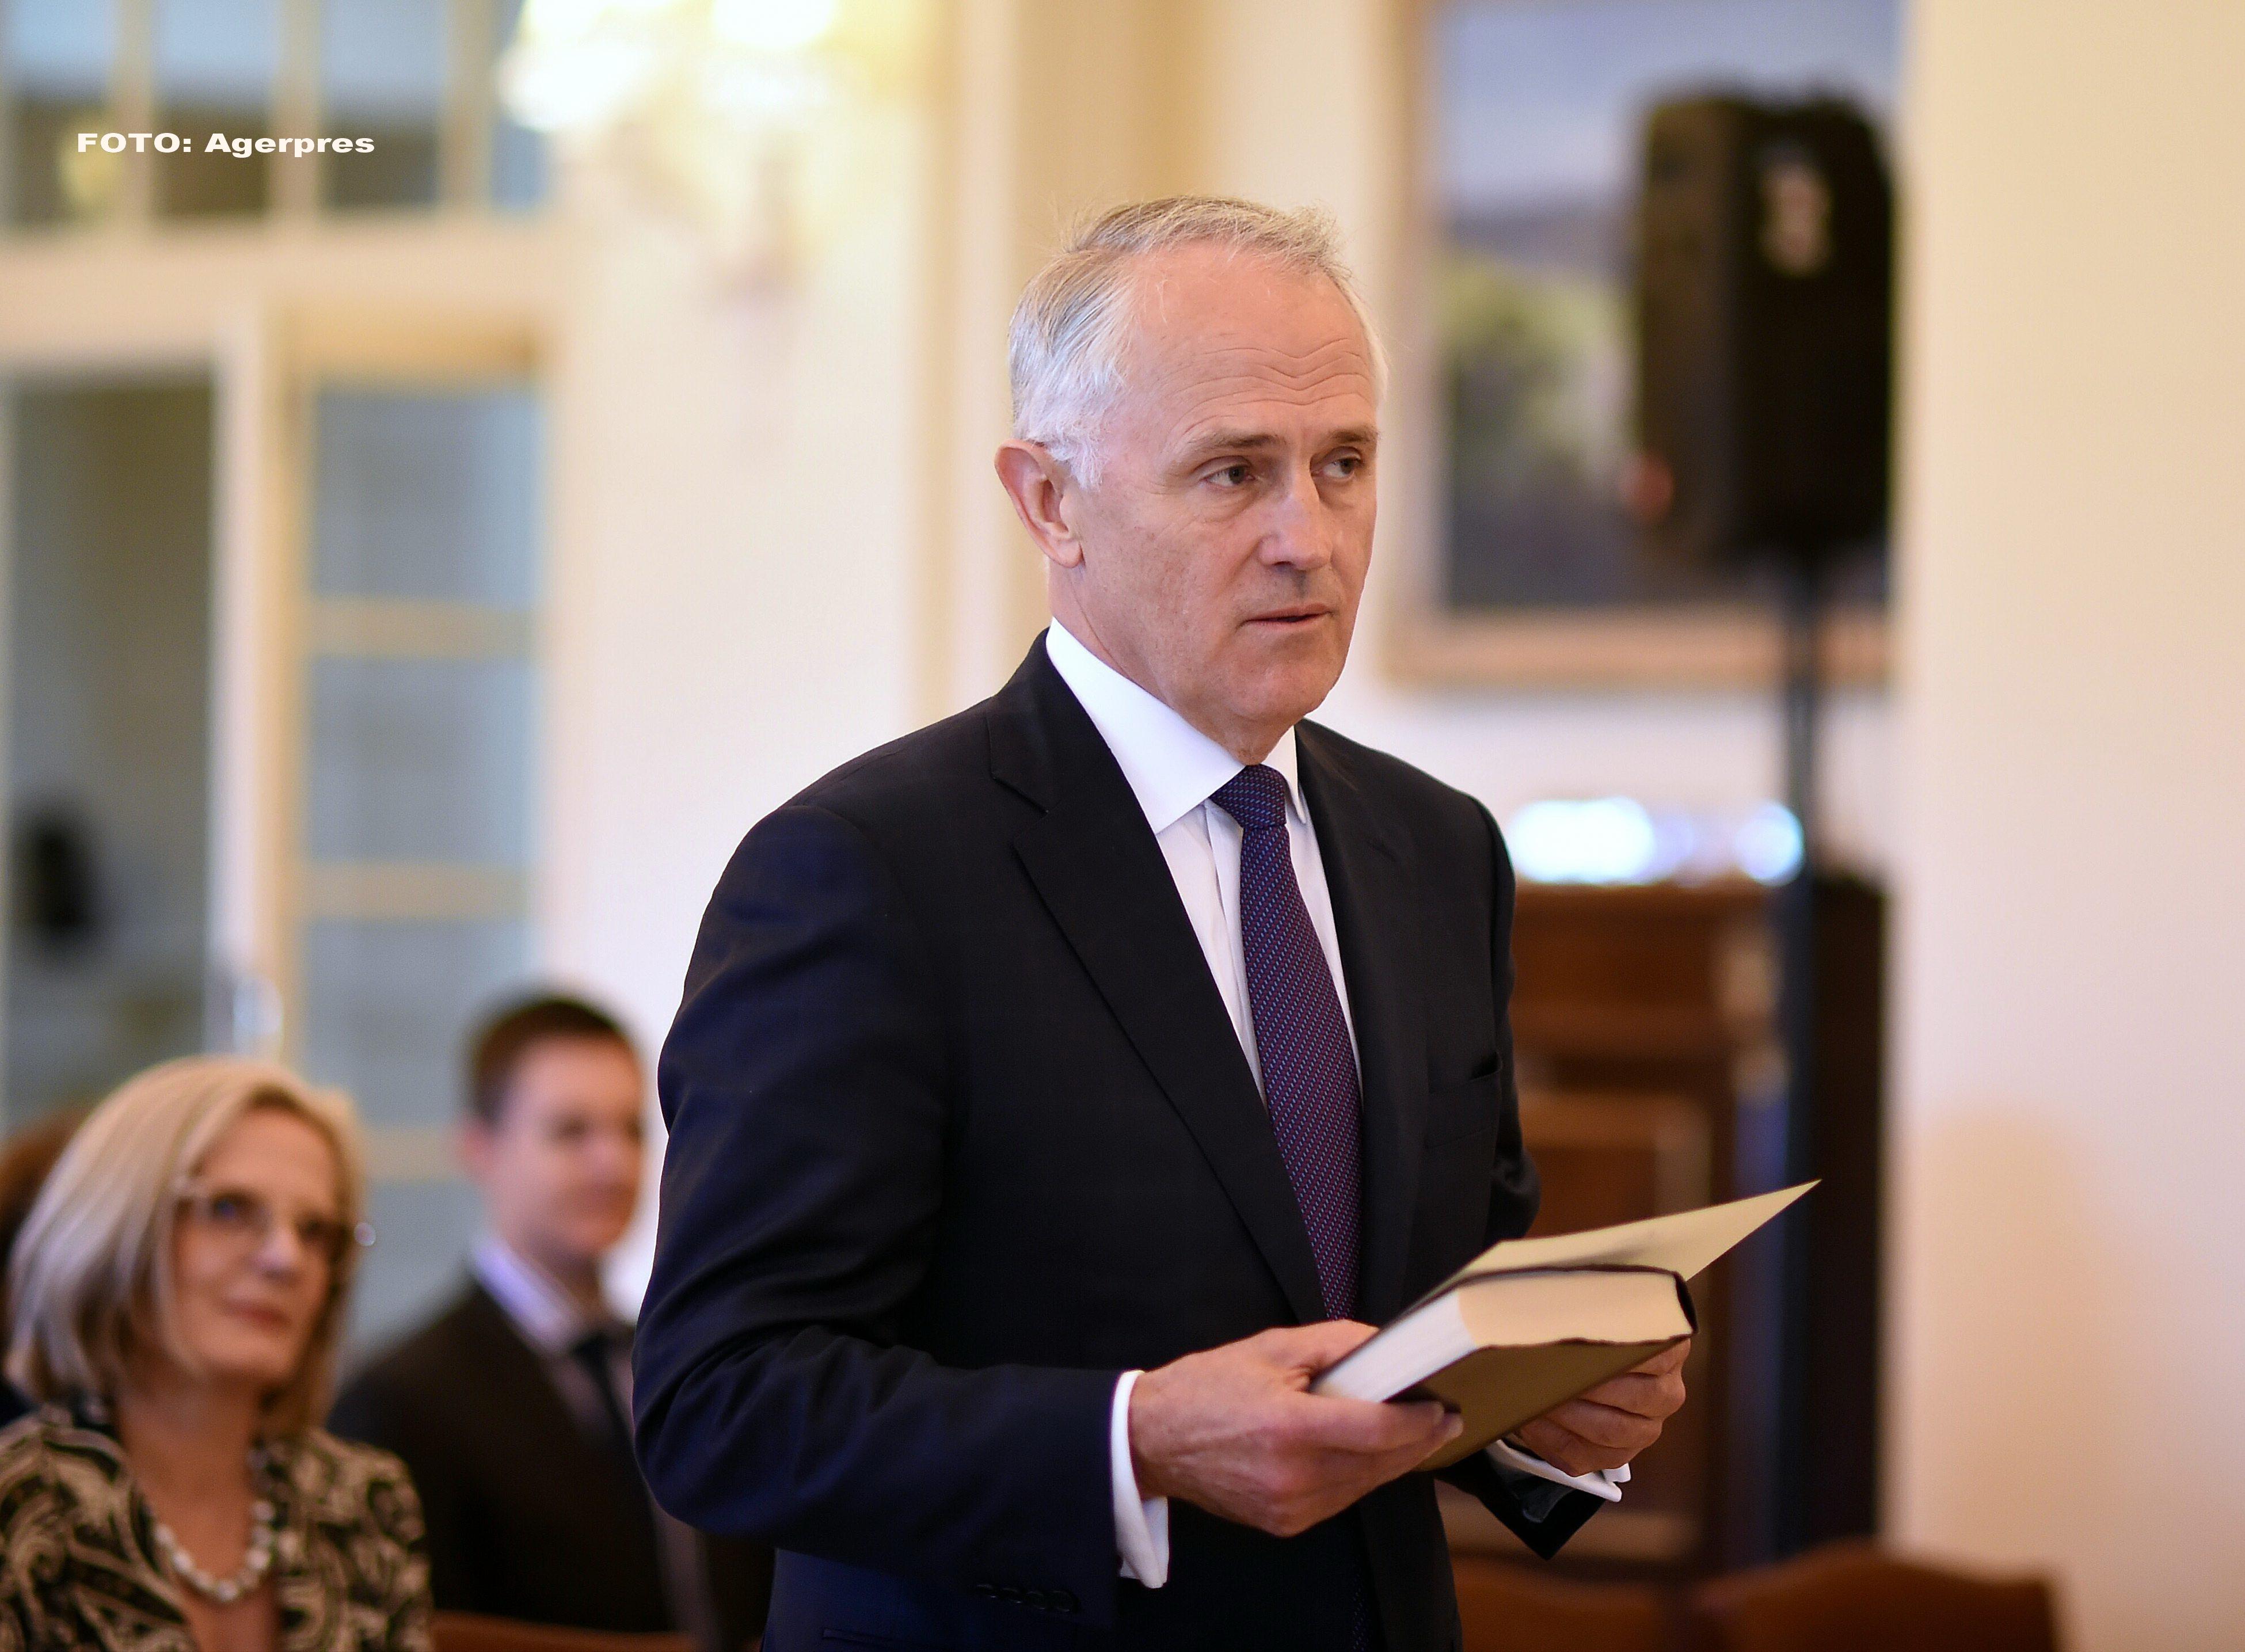 Un fost bancher este noul premier al Australiei. Malcolm Turnbull promite un nou stil de guvernare